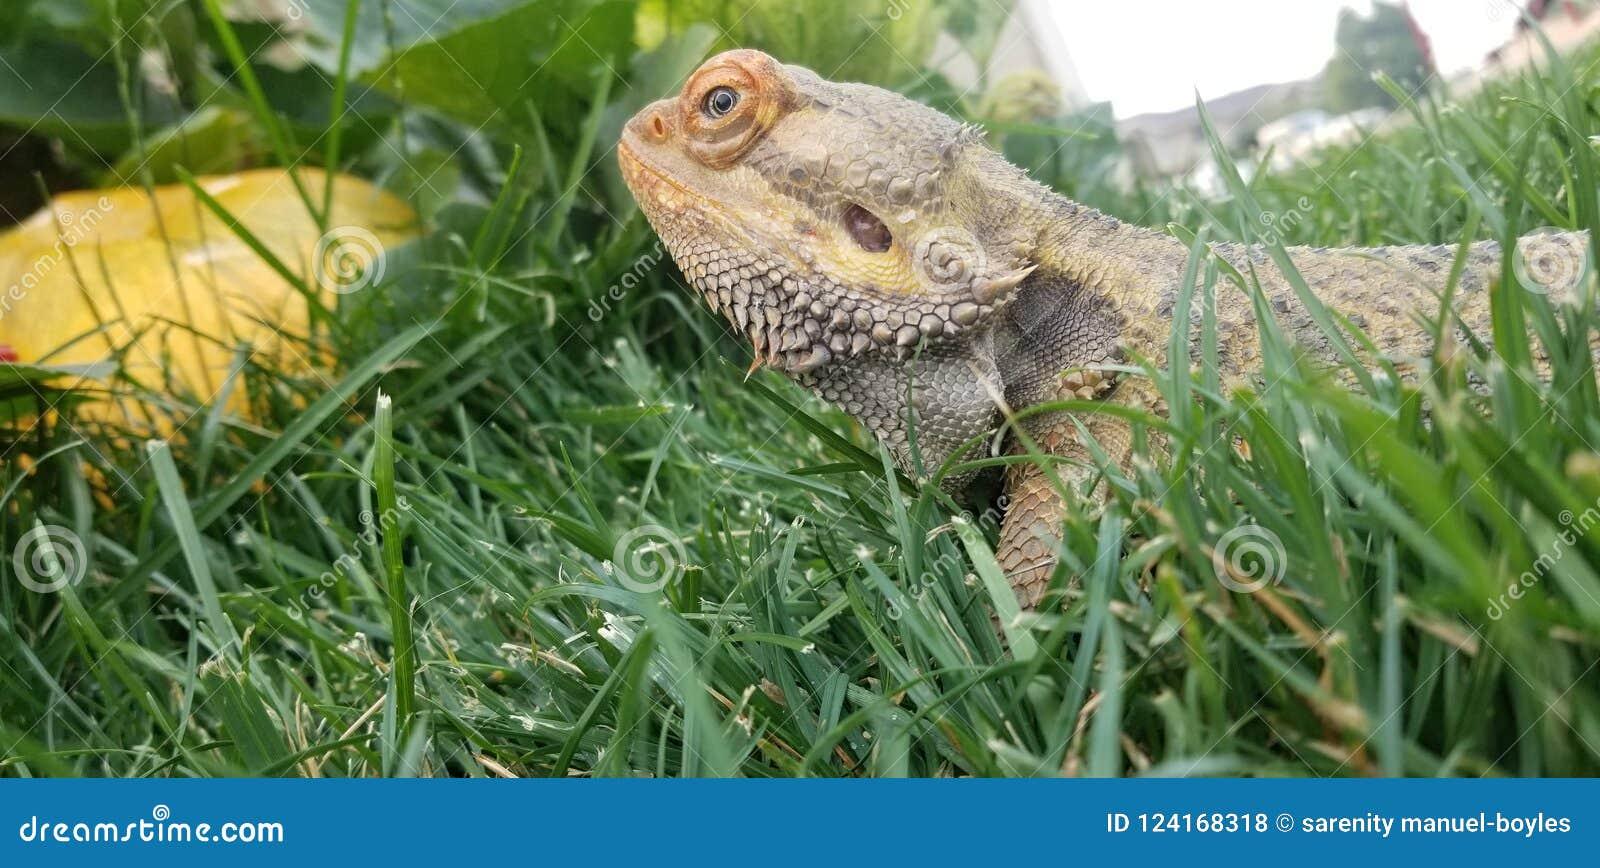 Mr lizard